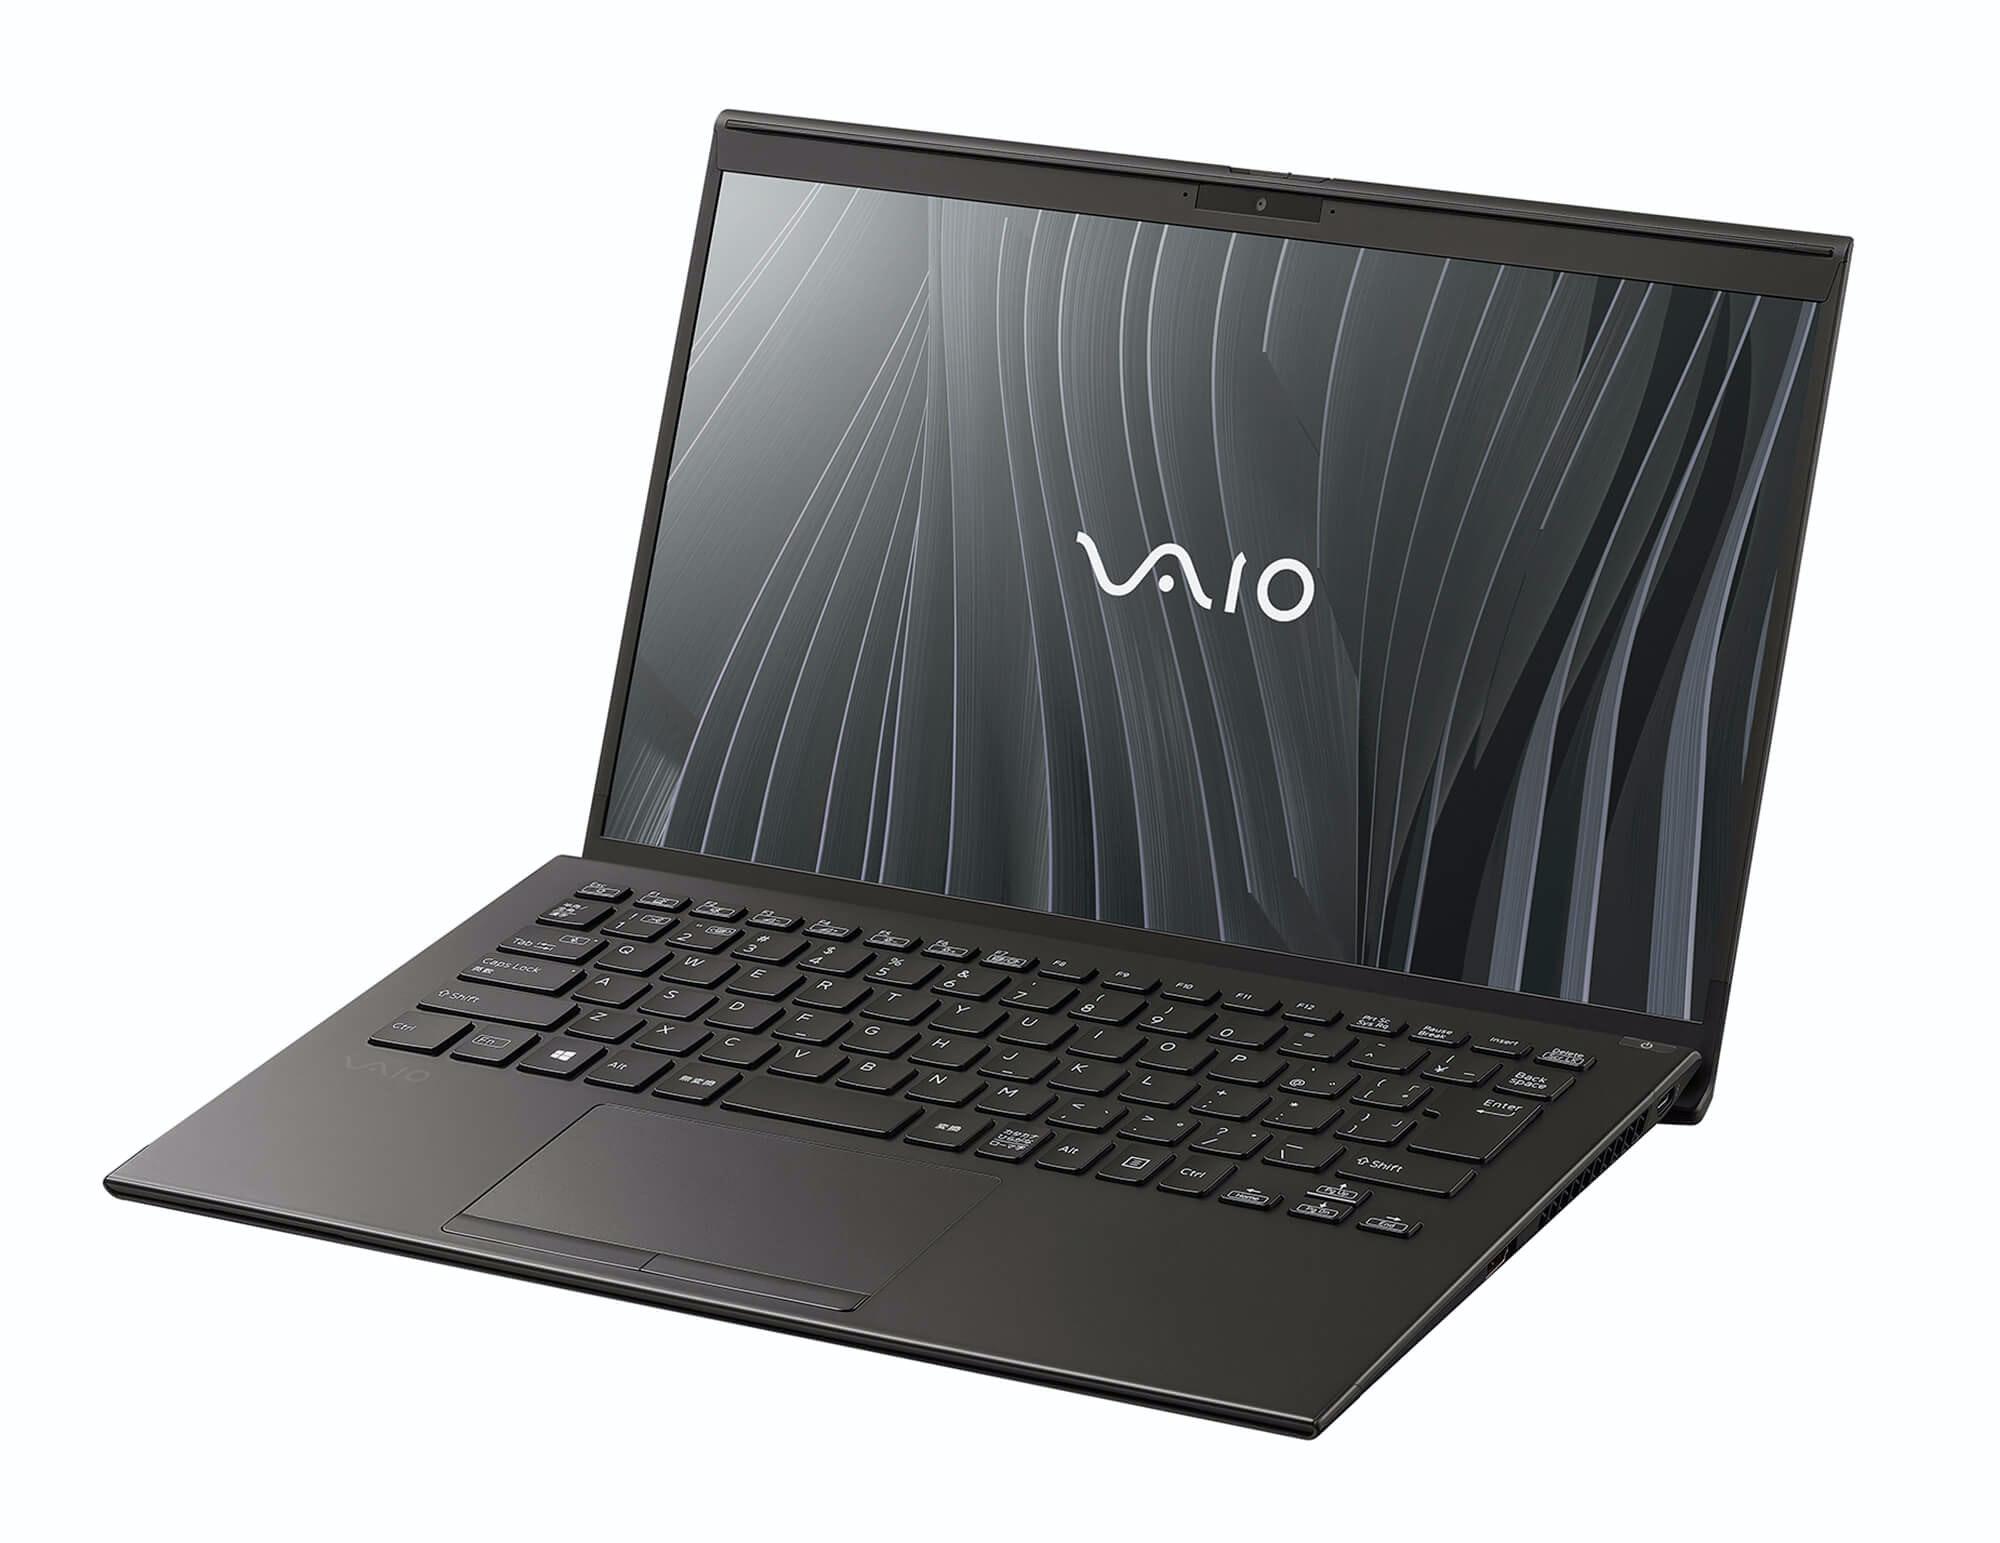 照片中提到了FII、Enter、K,跟VAIO有關,包含了上網本、電腦硬件、VAIO S15、電腦、顯示裝置